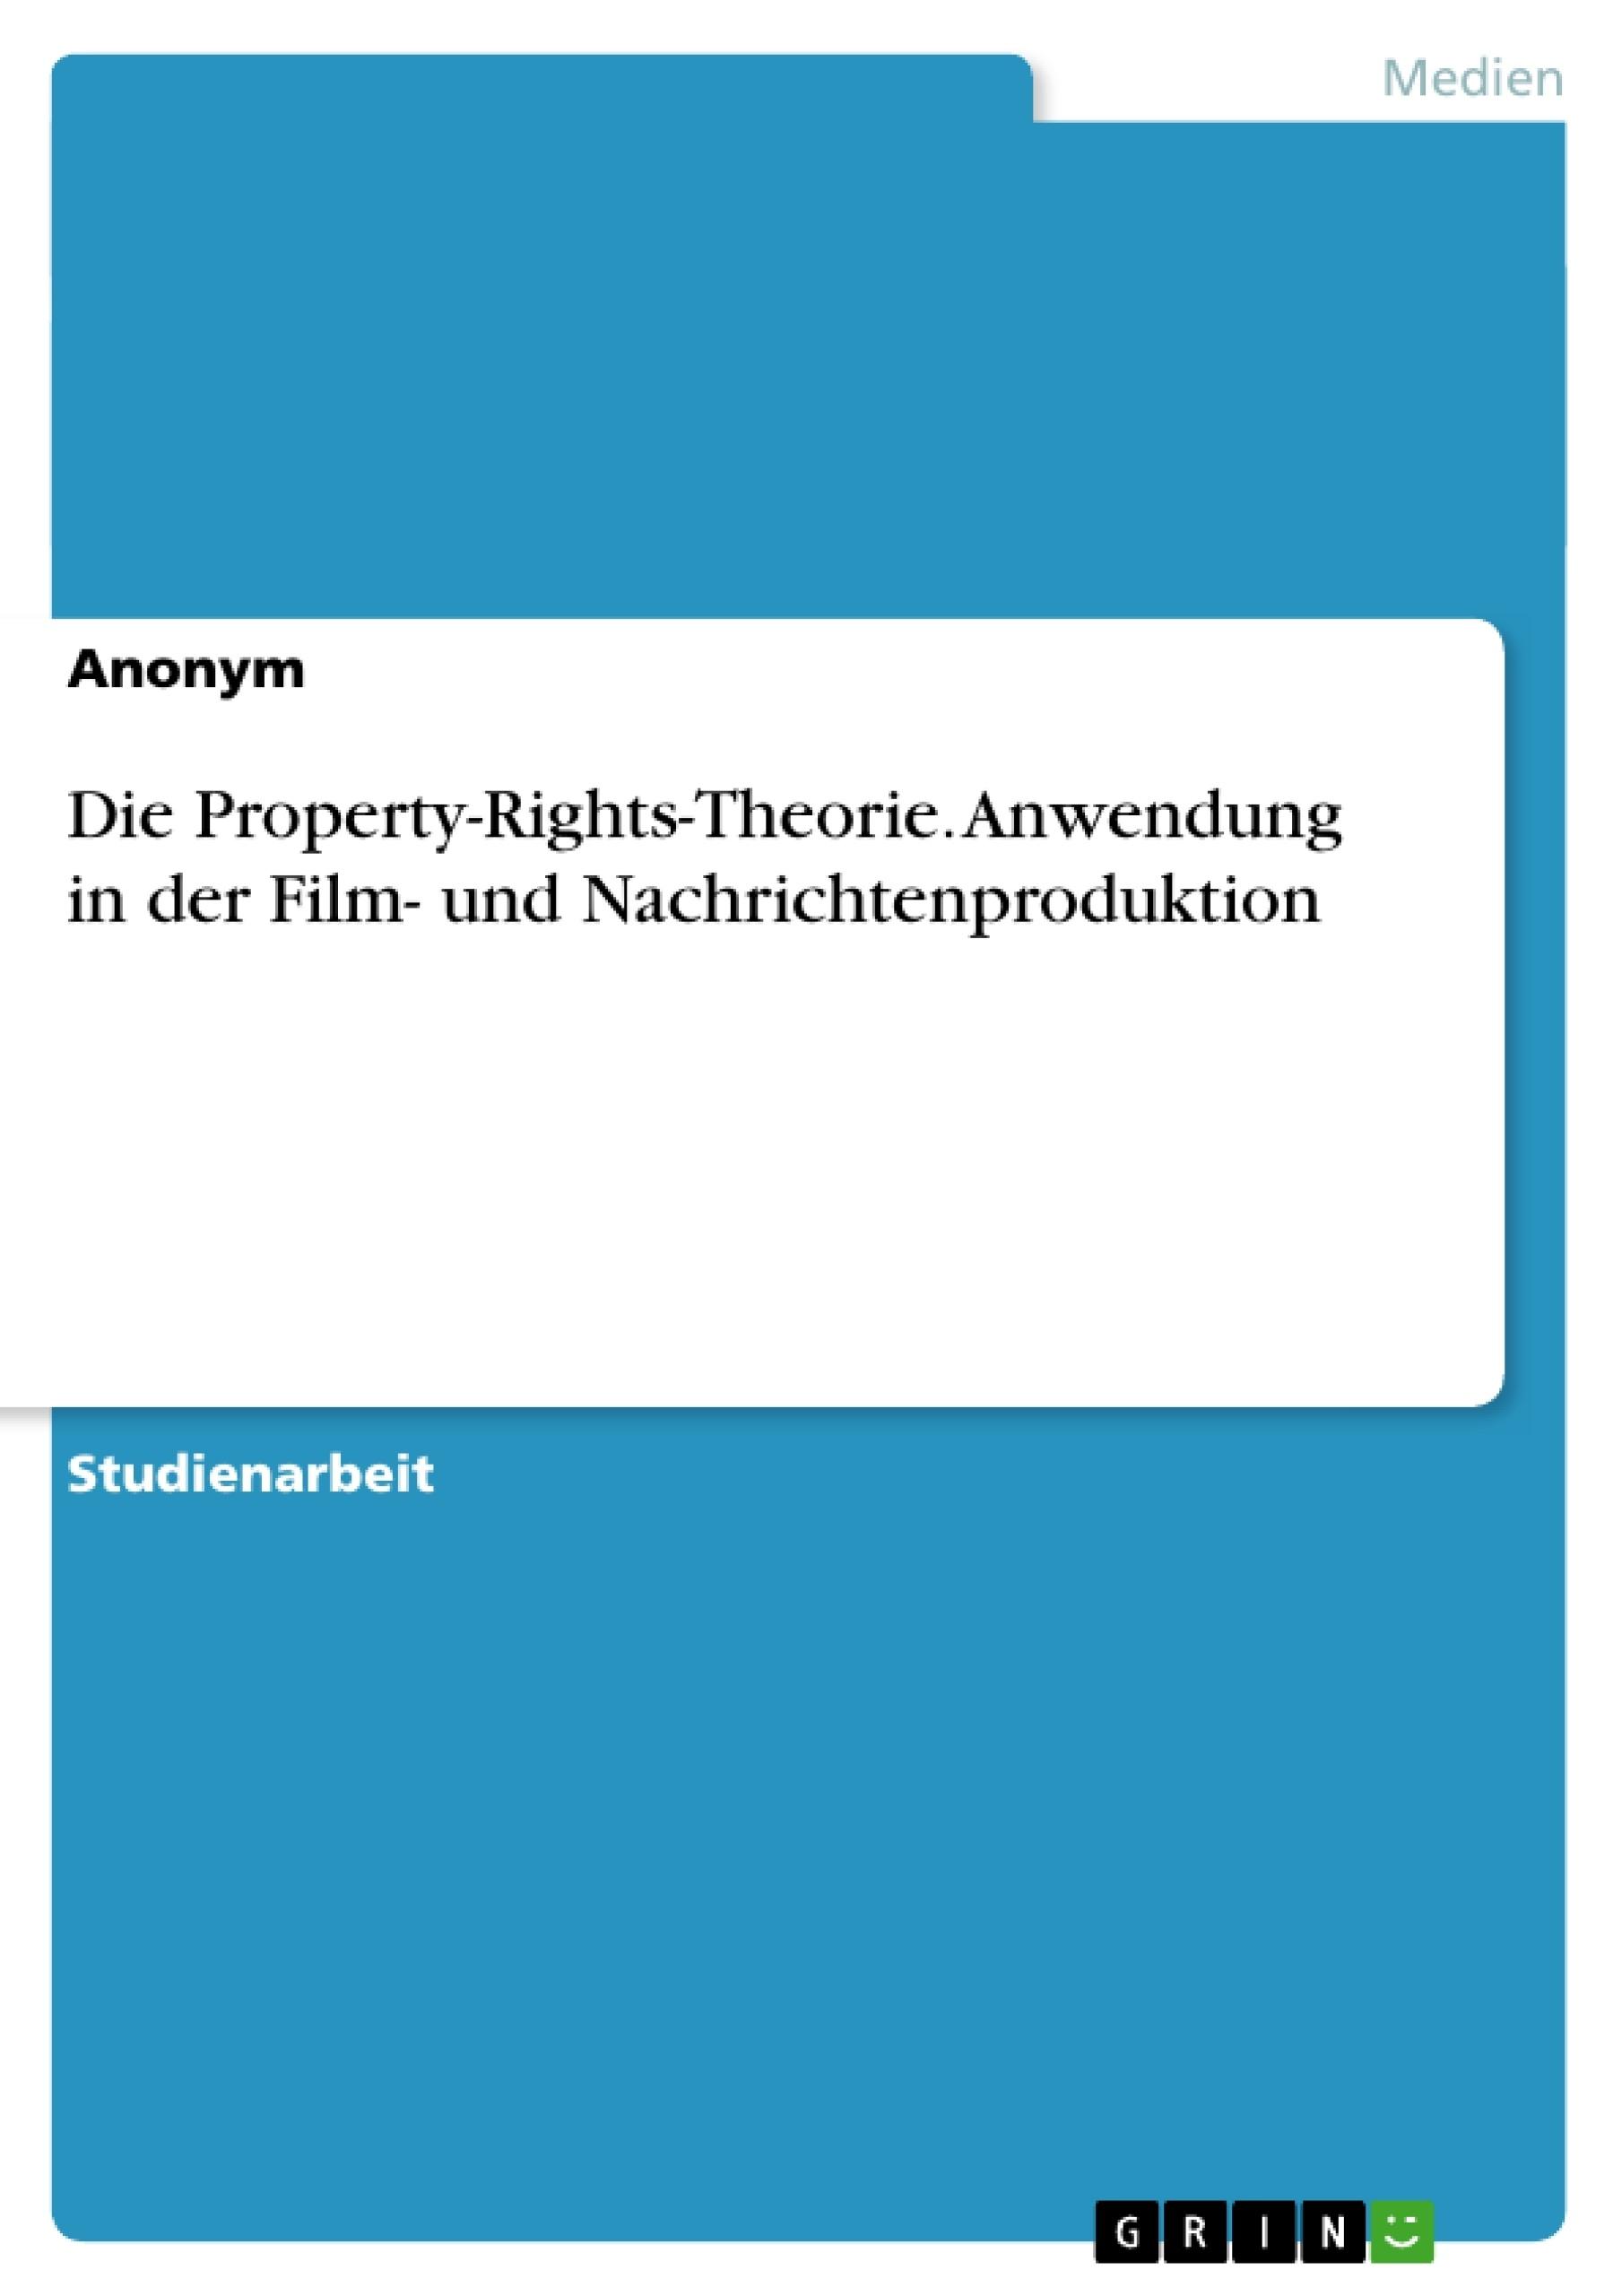 Titel: Die Property-Rights-Theorie. Anwendung in der Film- und Nachrichtenproduktion